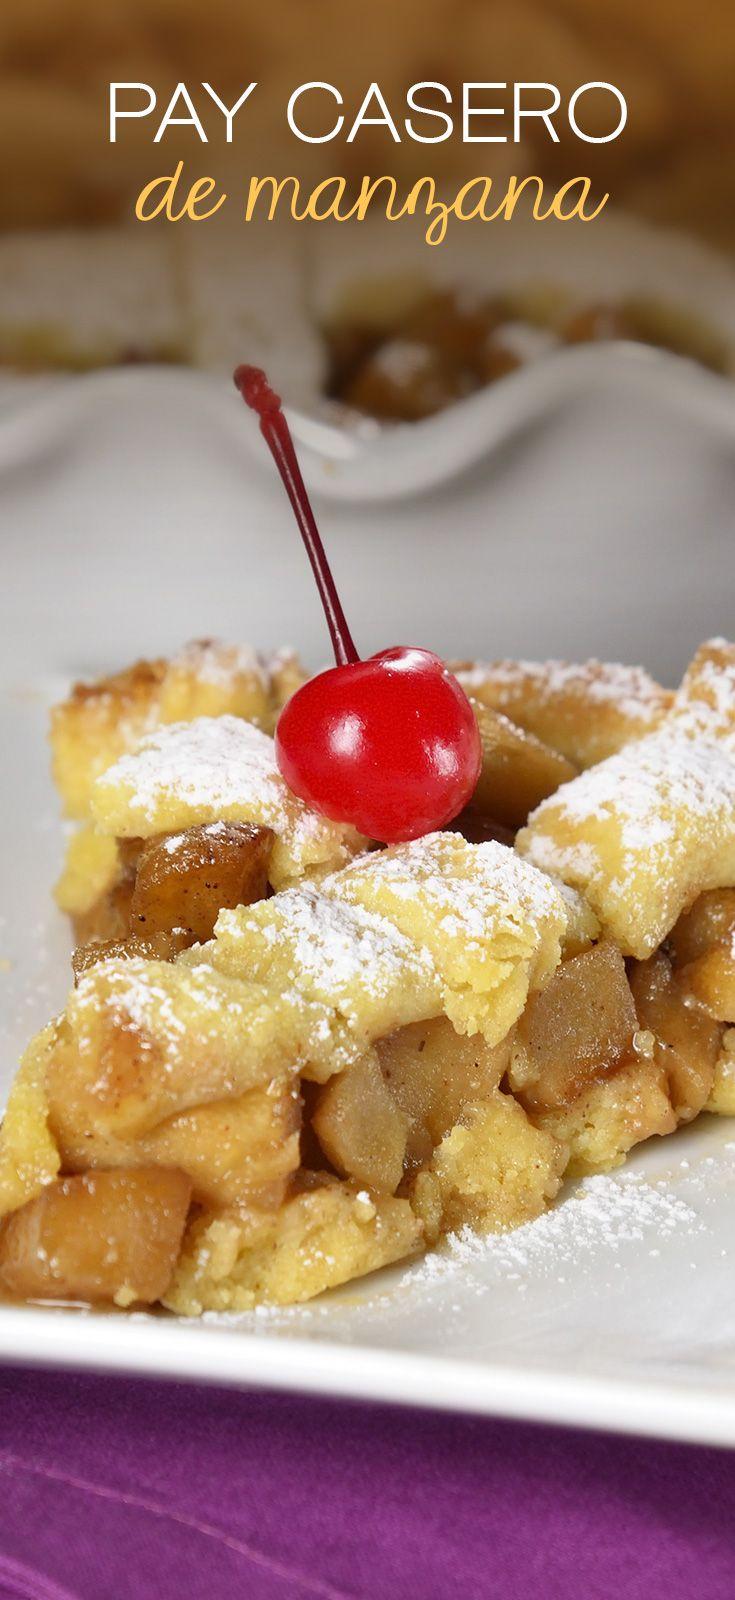 Este pay caliente de manzanas caramelizadas es el postre para otoño favorito.Tiene toda la pinta de un pay clásico americano pero con el toque de kiwilimón ¡Acompáñalo con helado de vainilla!